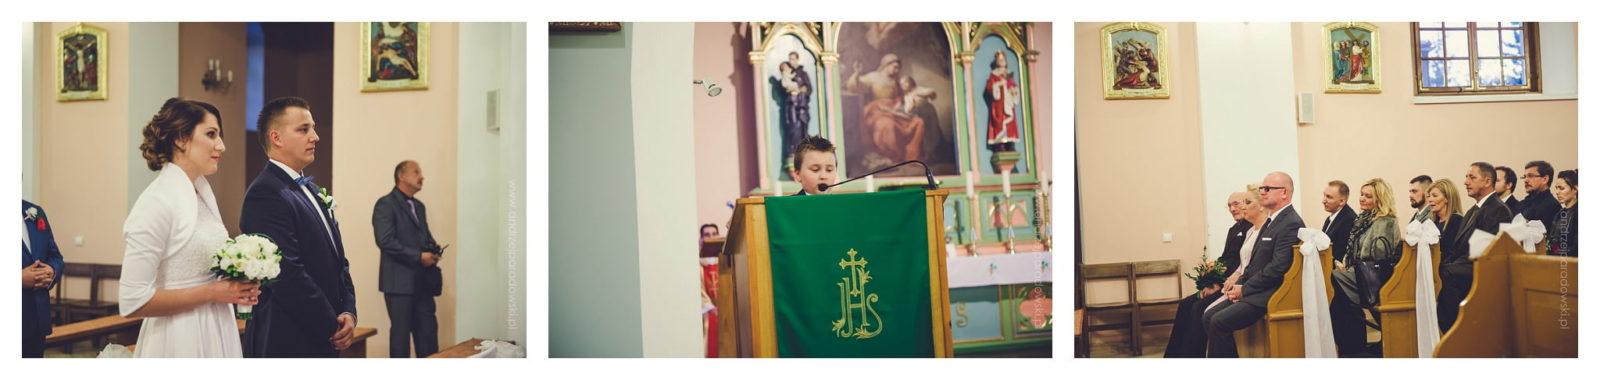 fotograf slubny wloclawek 55 - Ślub w Bobrownikach